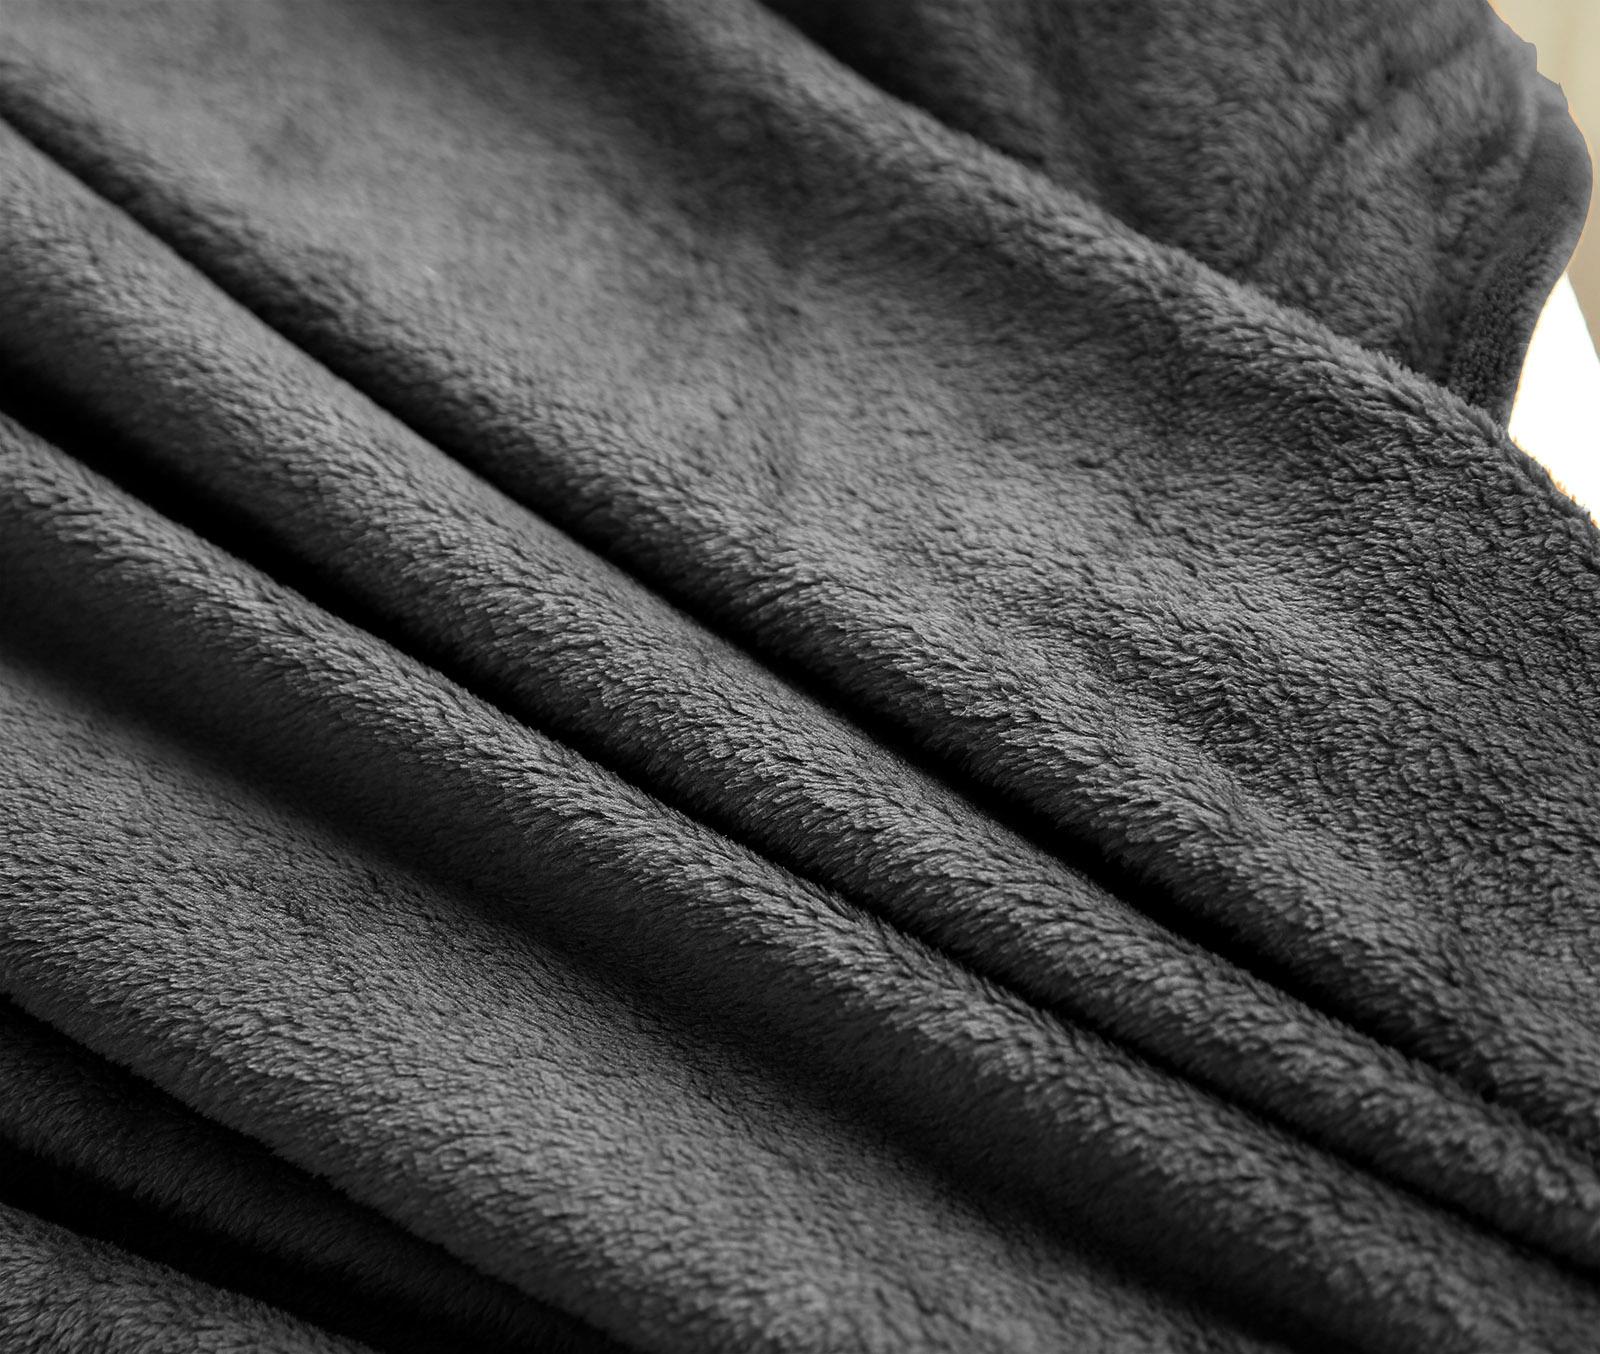 Kuscheldecke Tagesdecke Wohndecke Flanelldecke 220x240cm Grau BWK5007gr